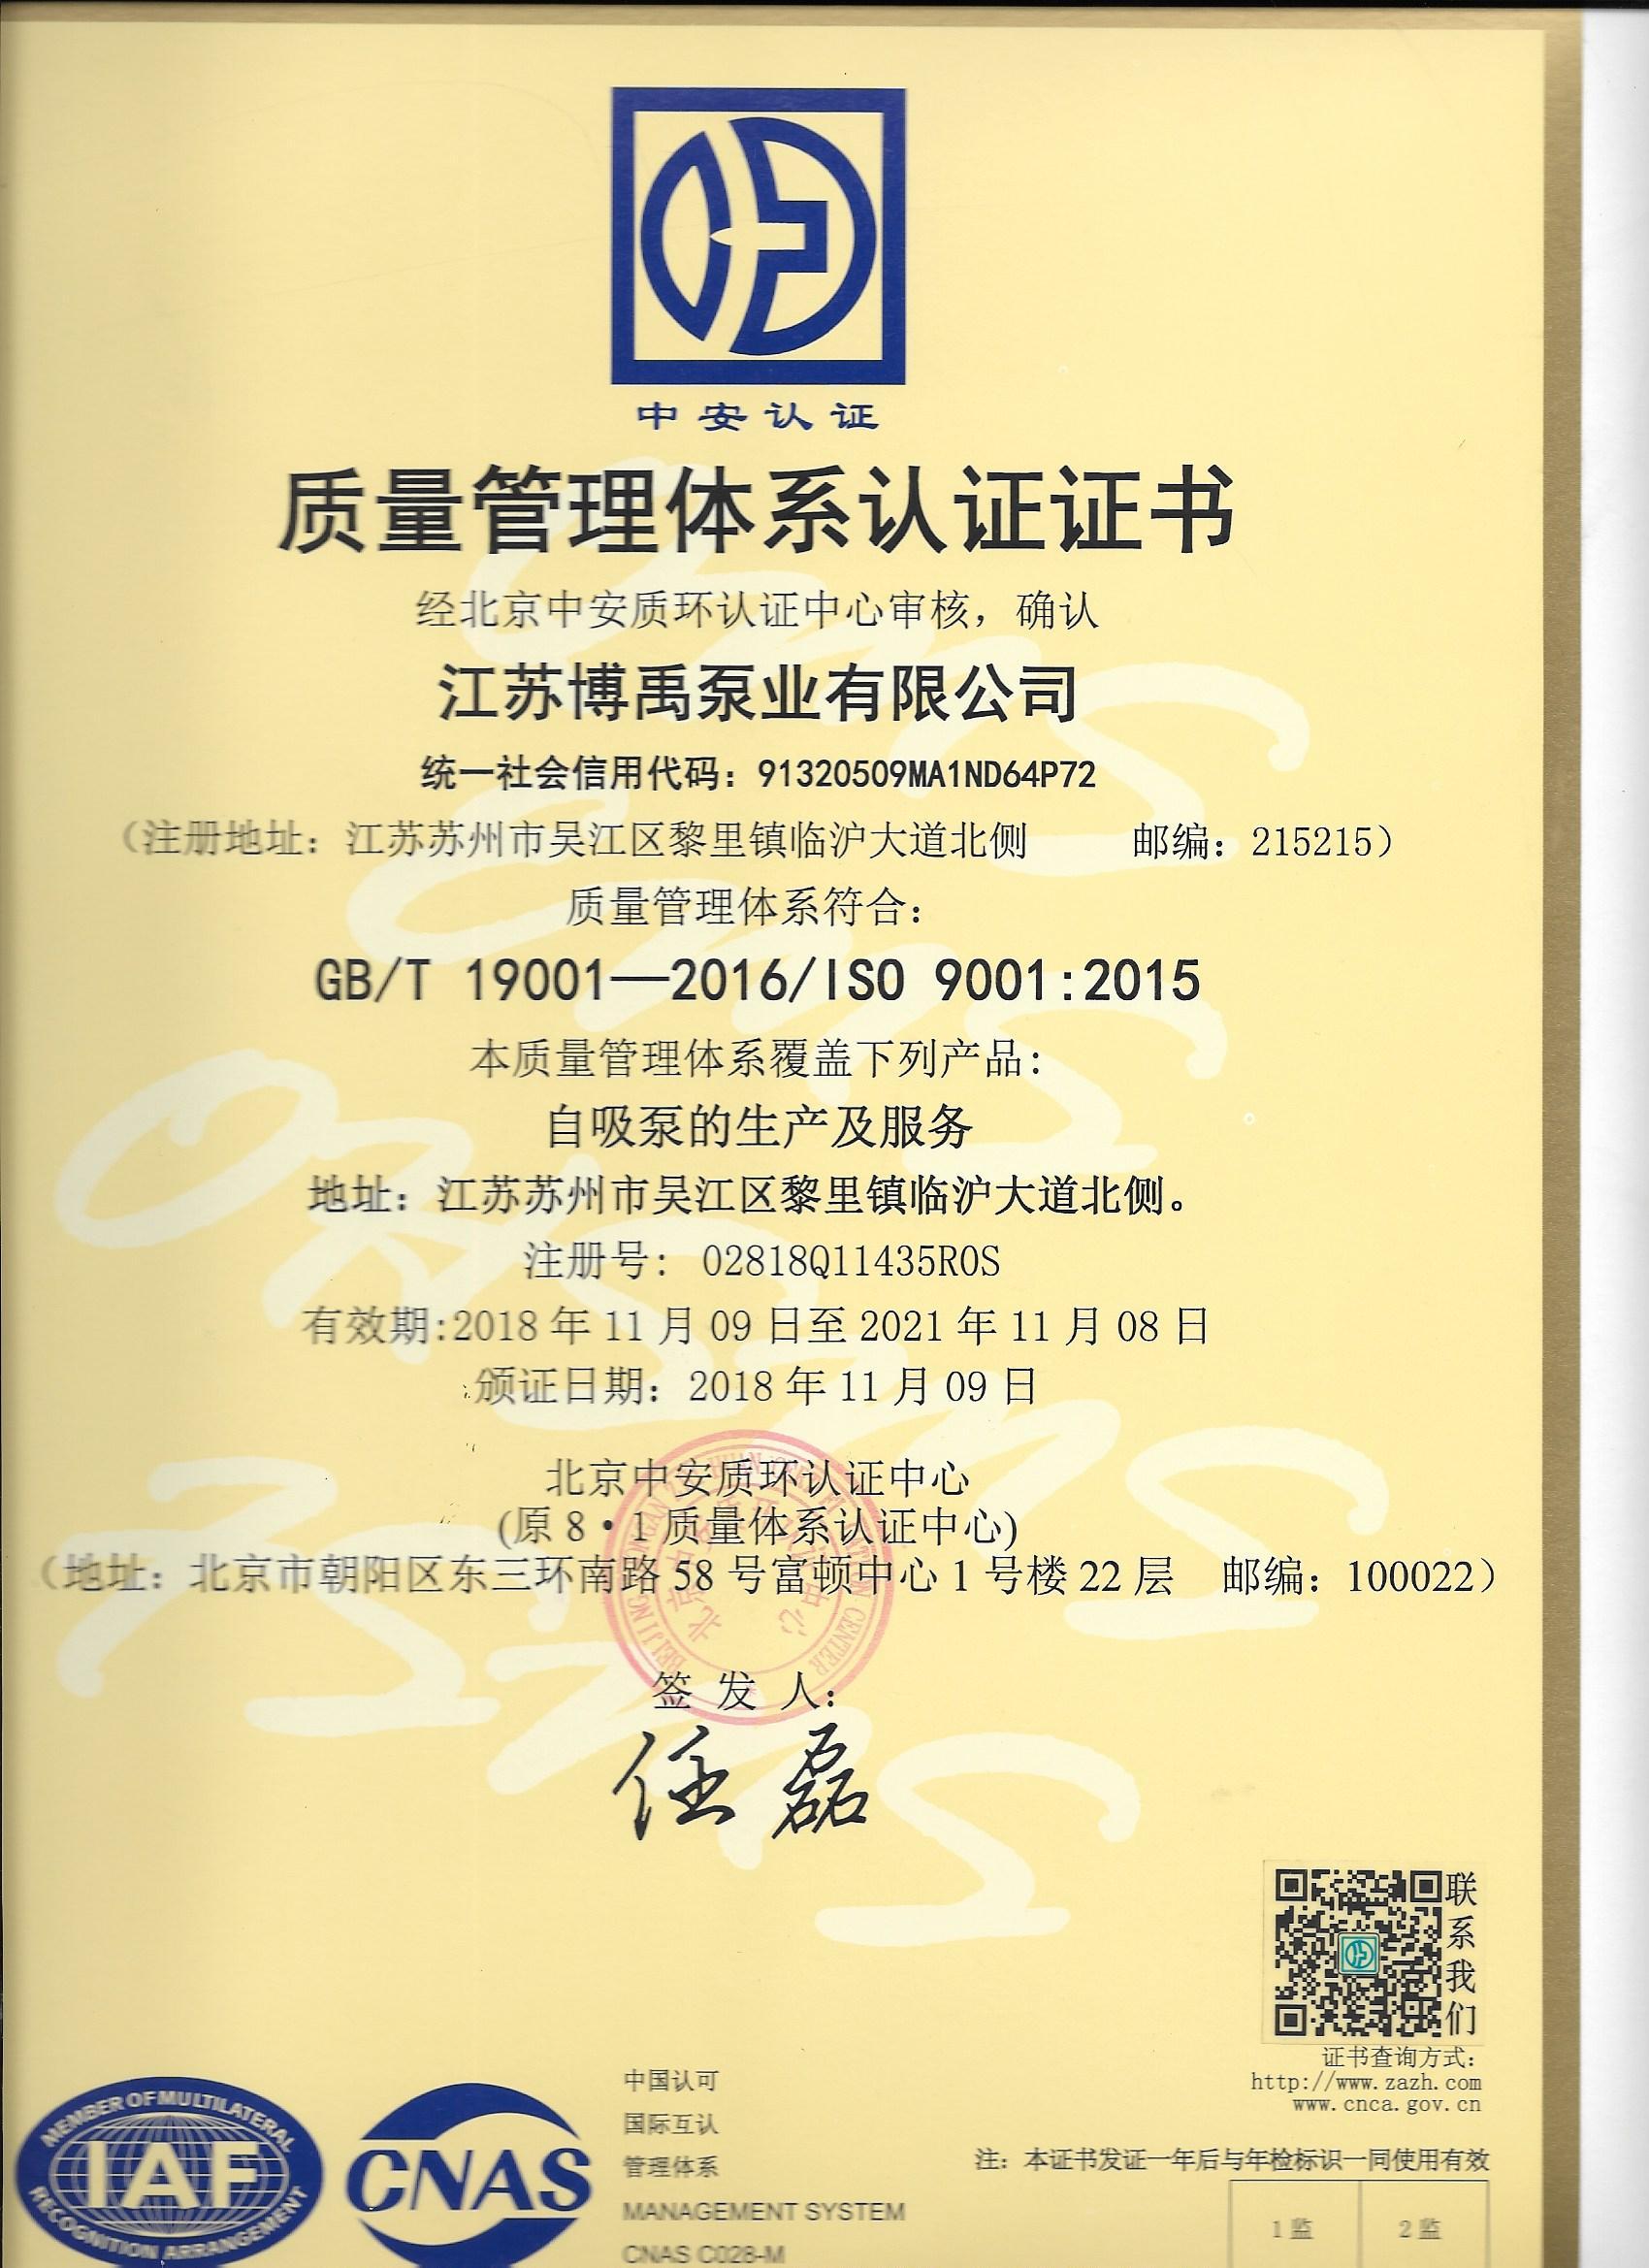 吸泥泵质量体系认证